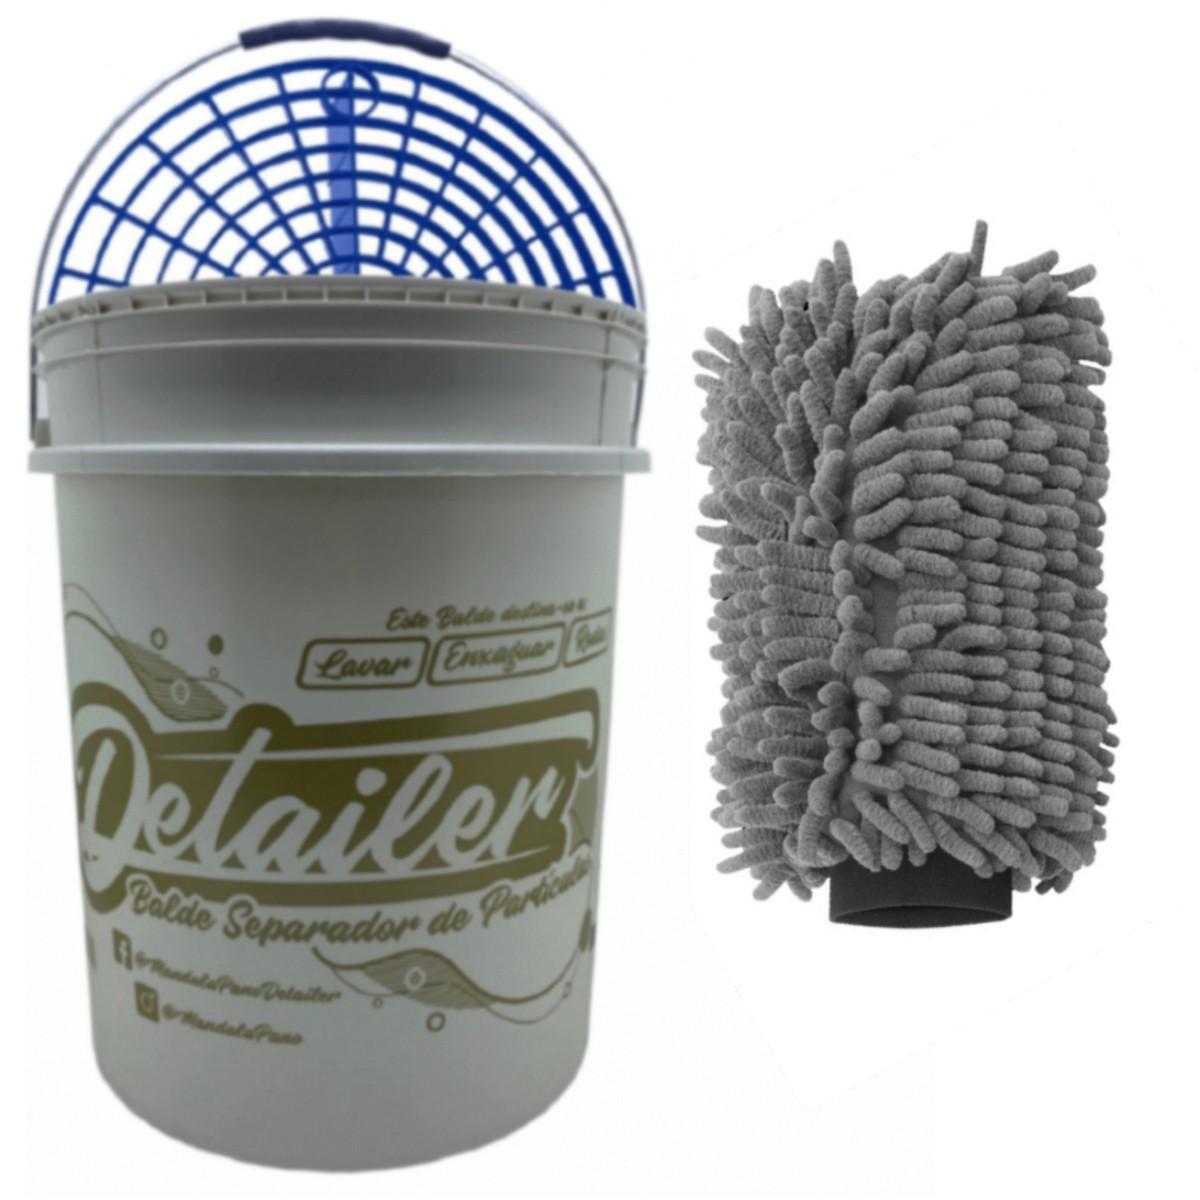 Balde Separador De Partícula + Luva Para Lavagem Automotiva